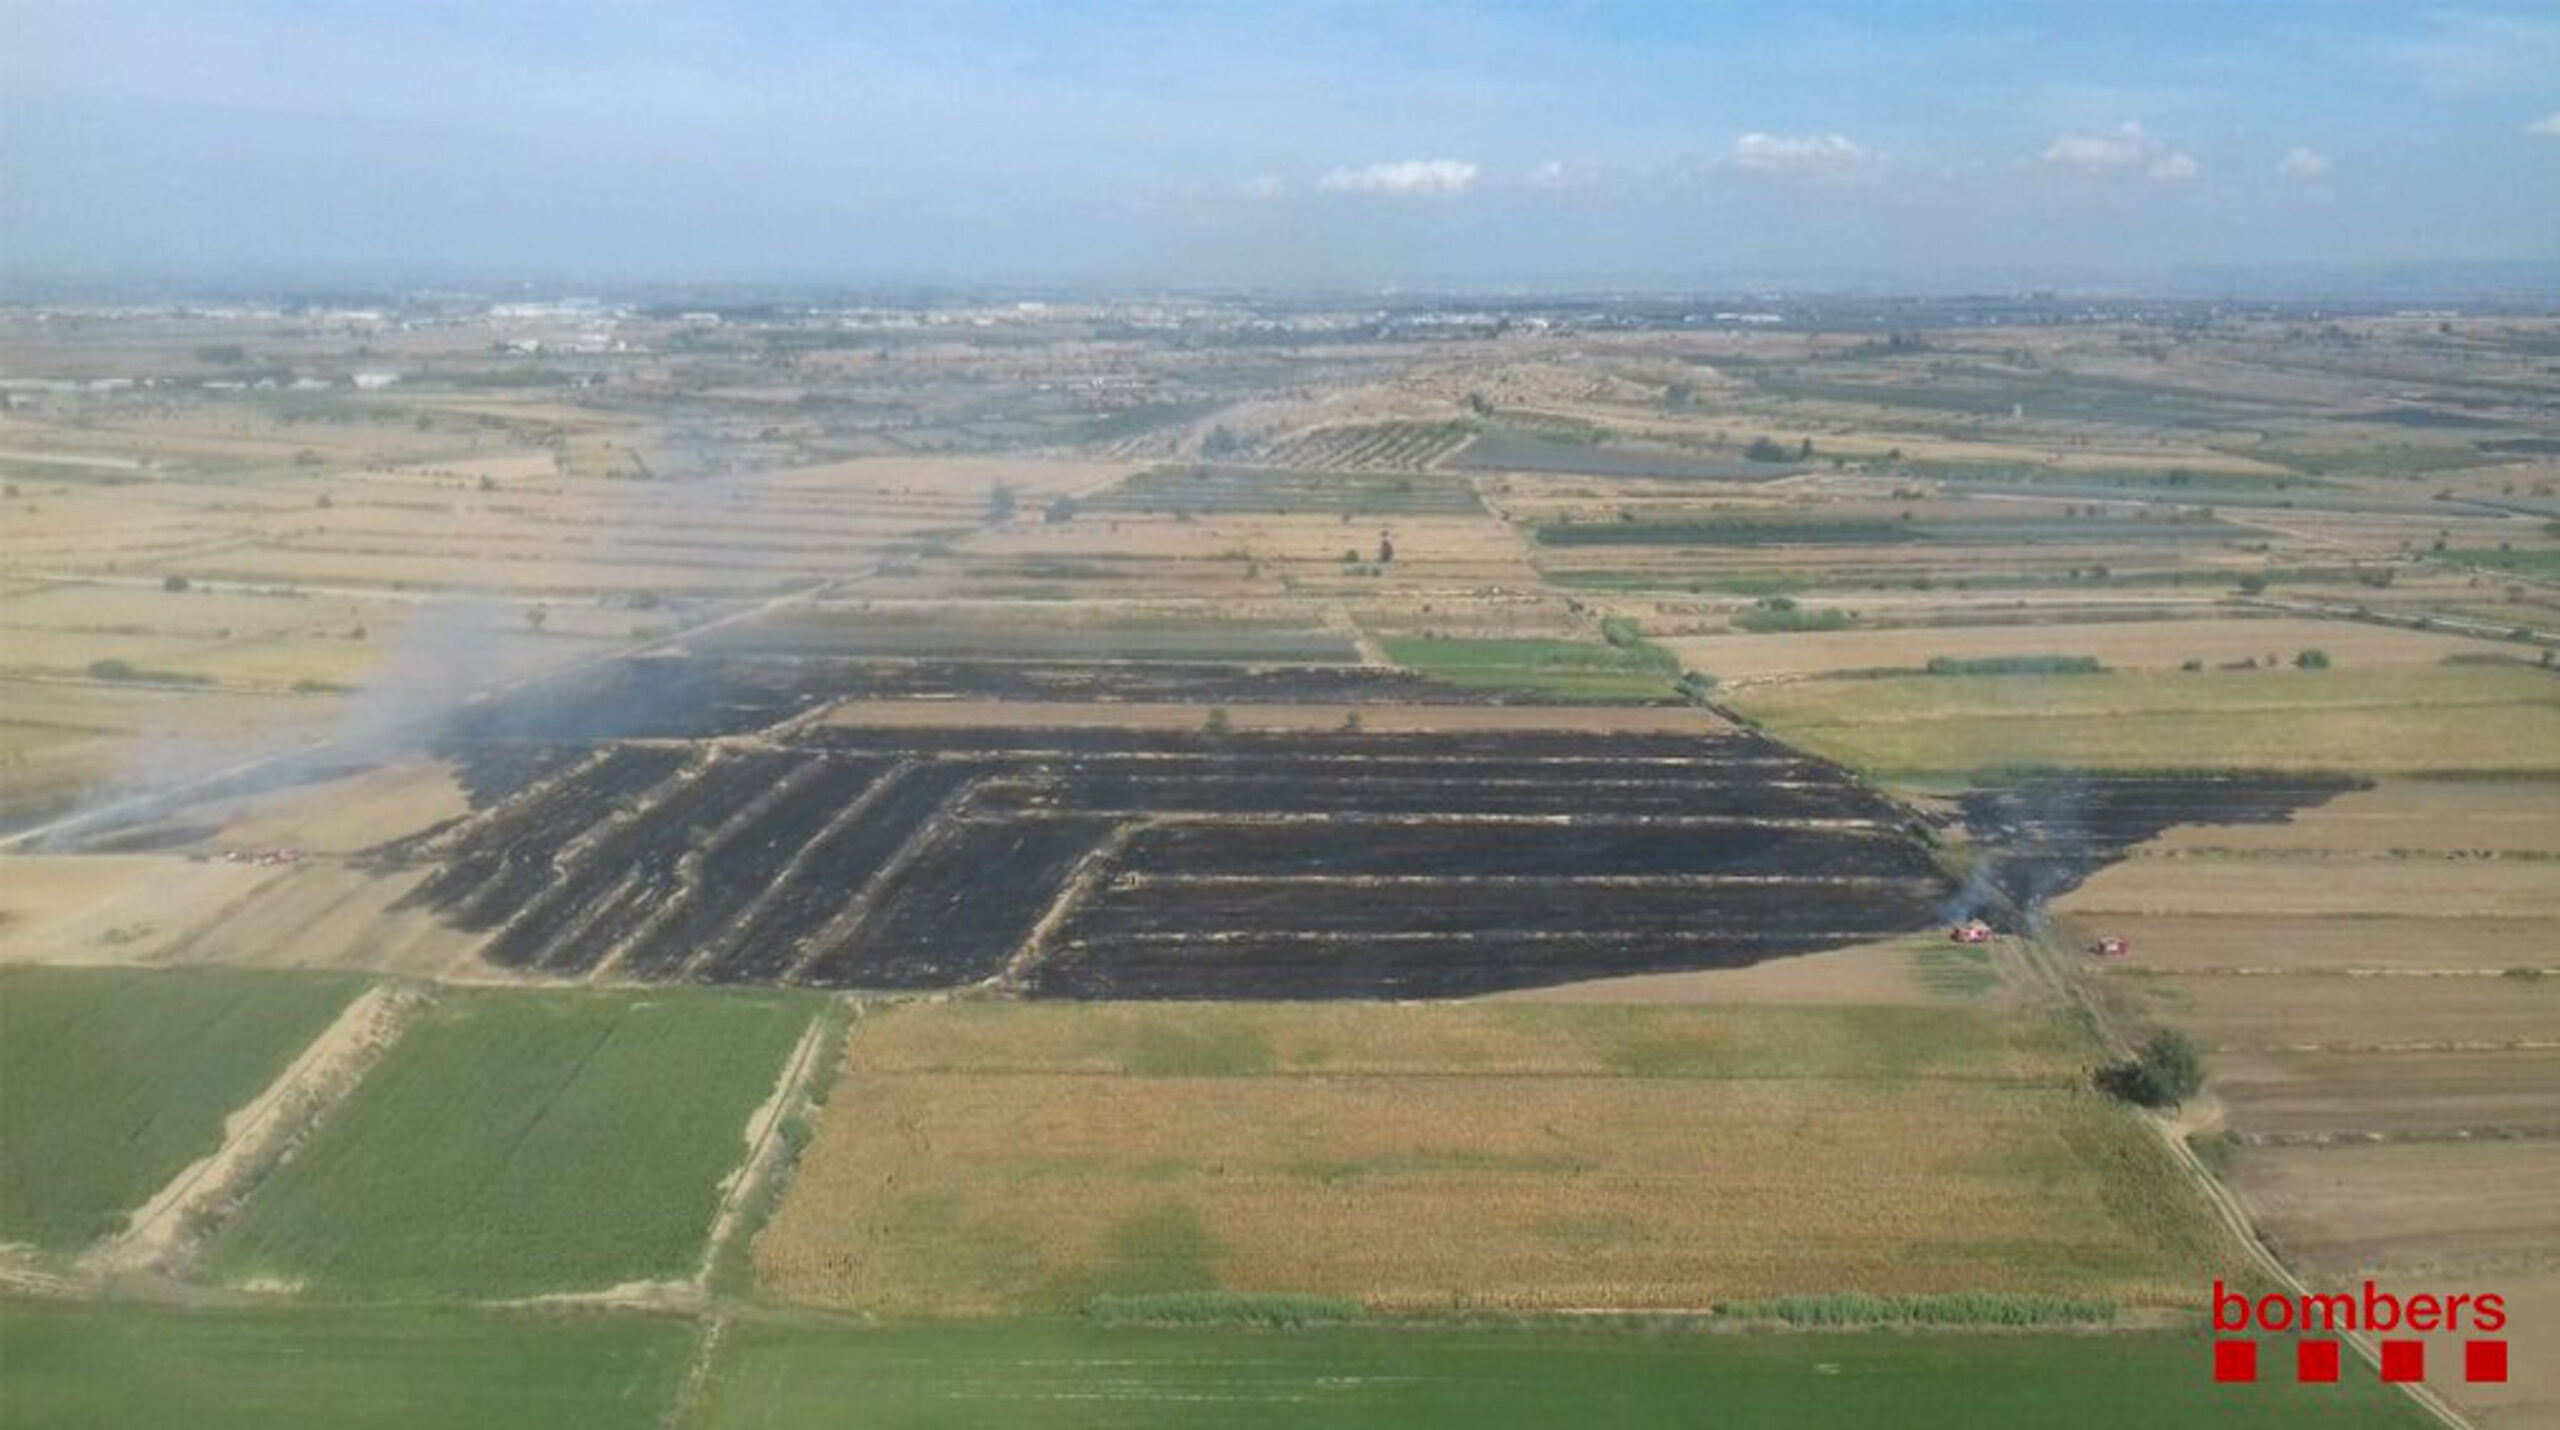 Imatge aèria de l'incendi de Torregrossa que ha cremat 10 hectàrees de rostoll agrícola. El 2 de setembre de 2018. (Horitzontal)